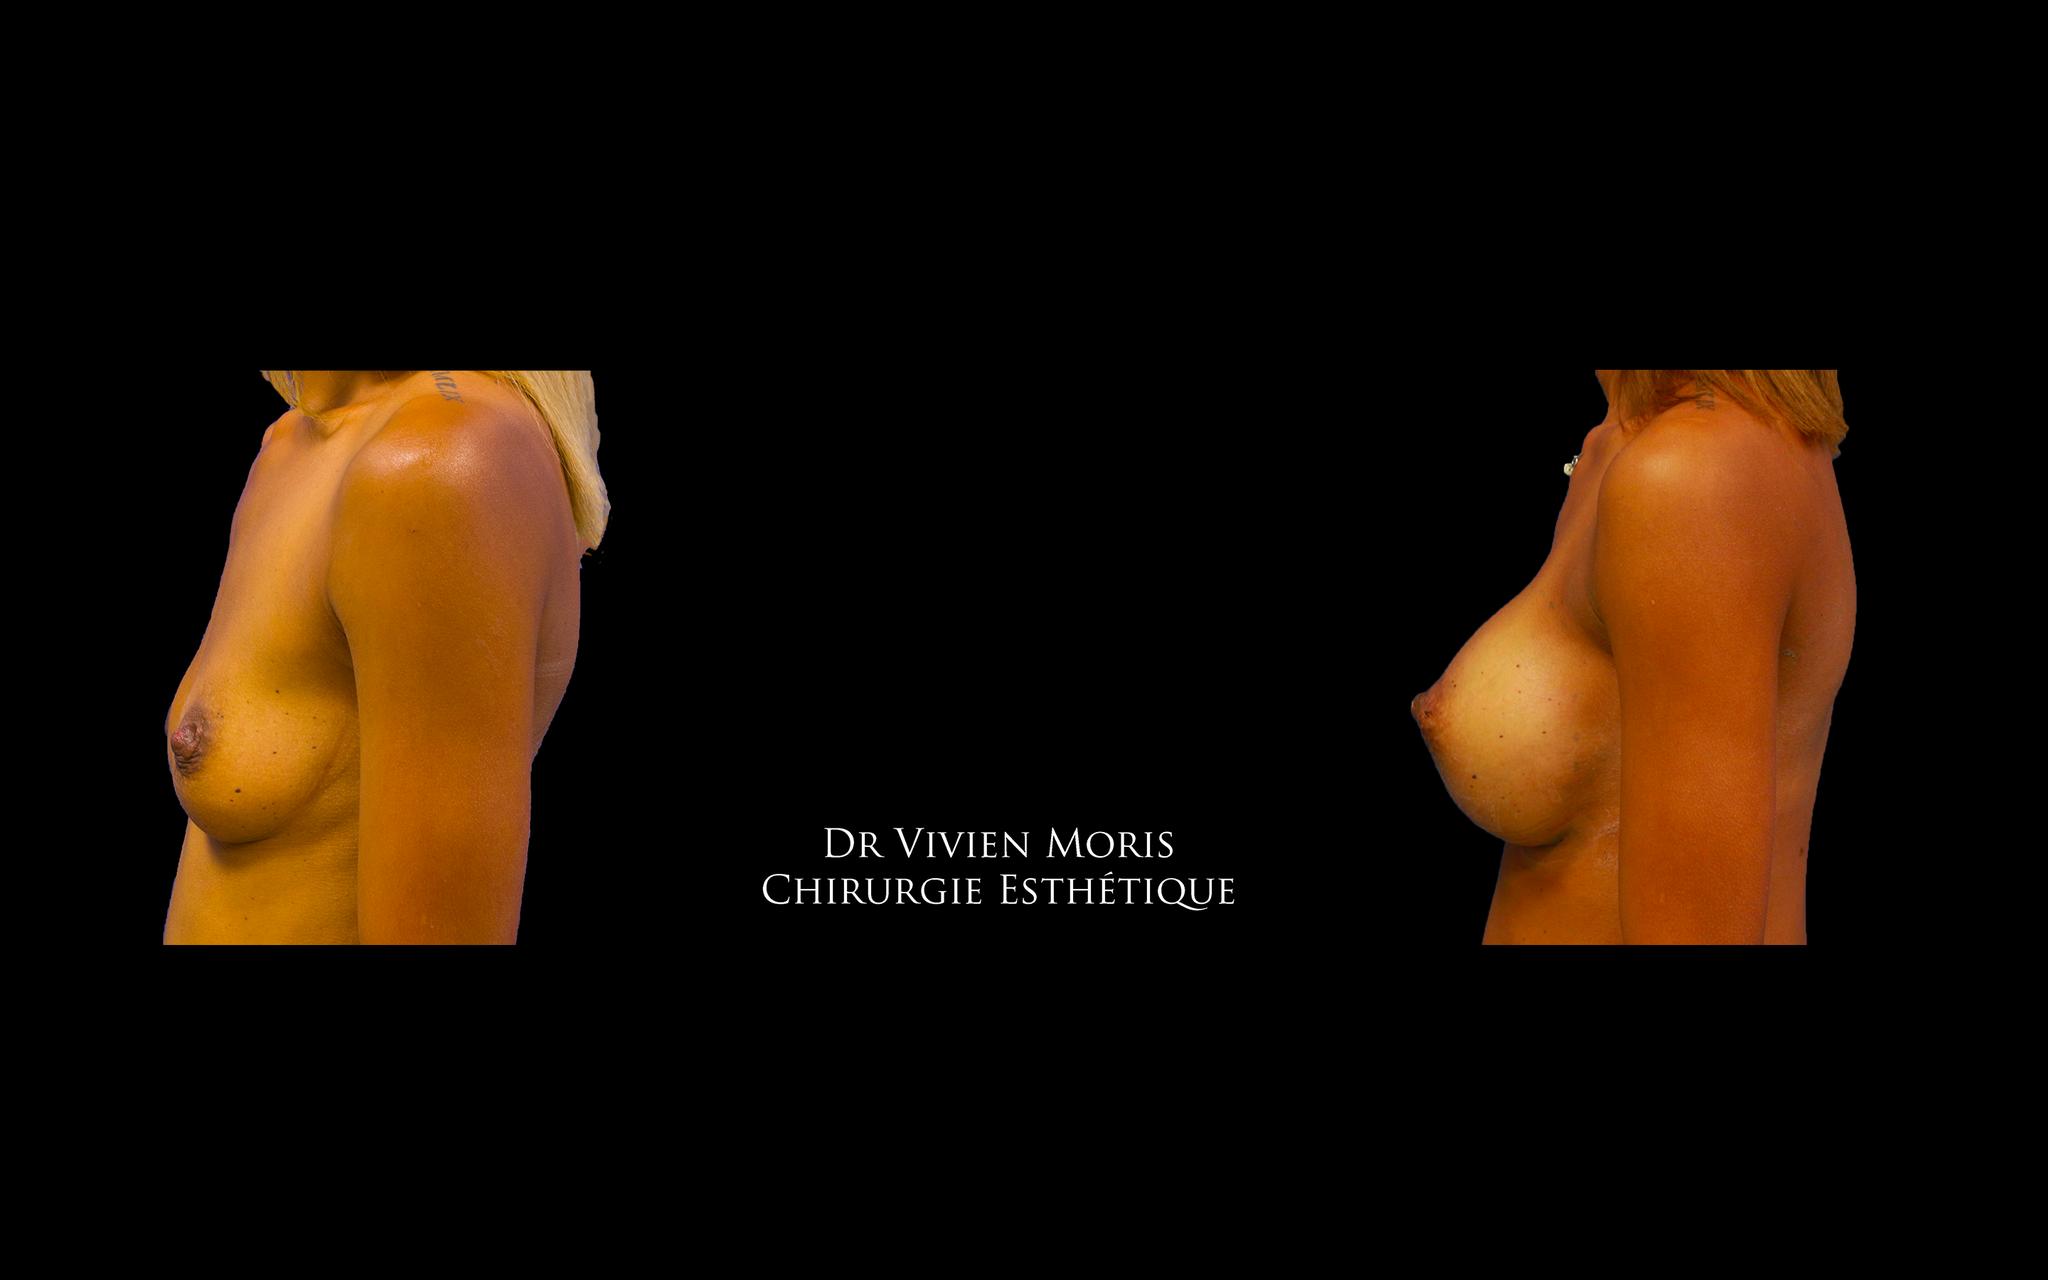 Taille d'implants : 450 cc / Dr Vivien Moris